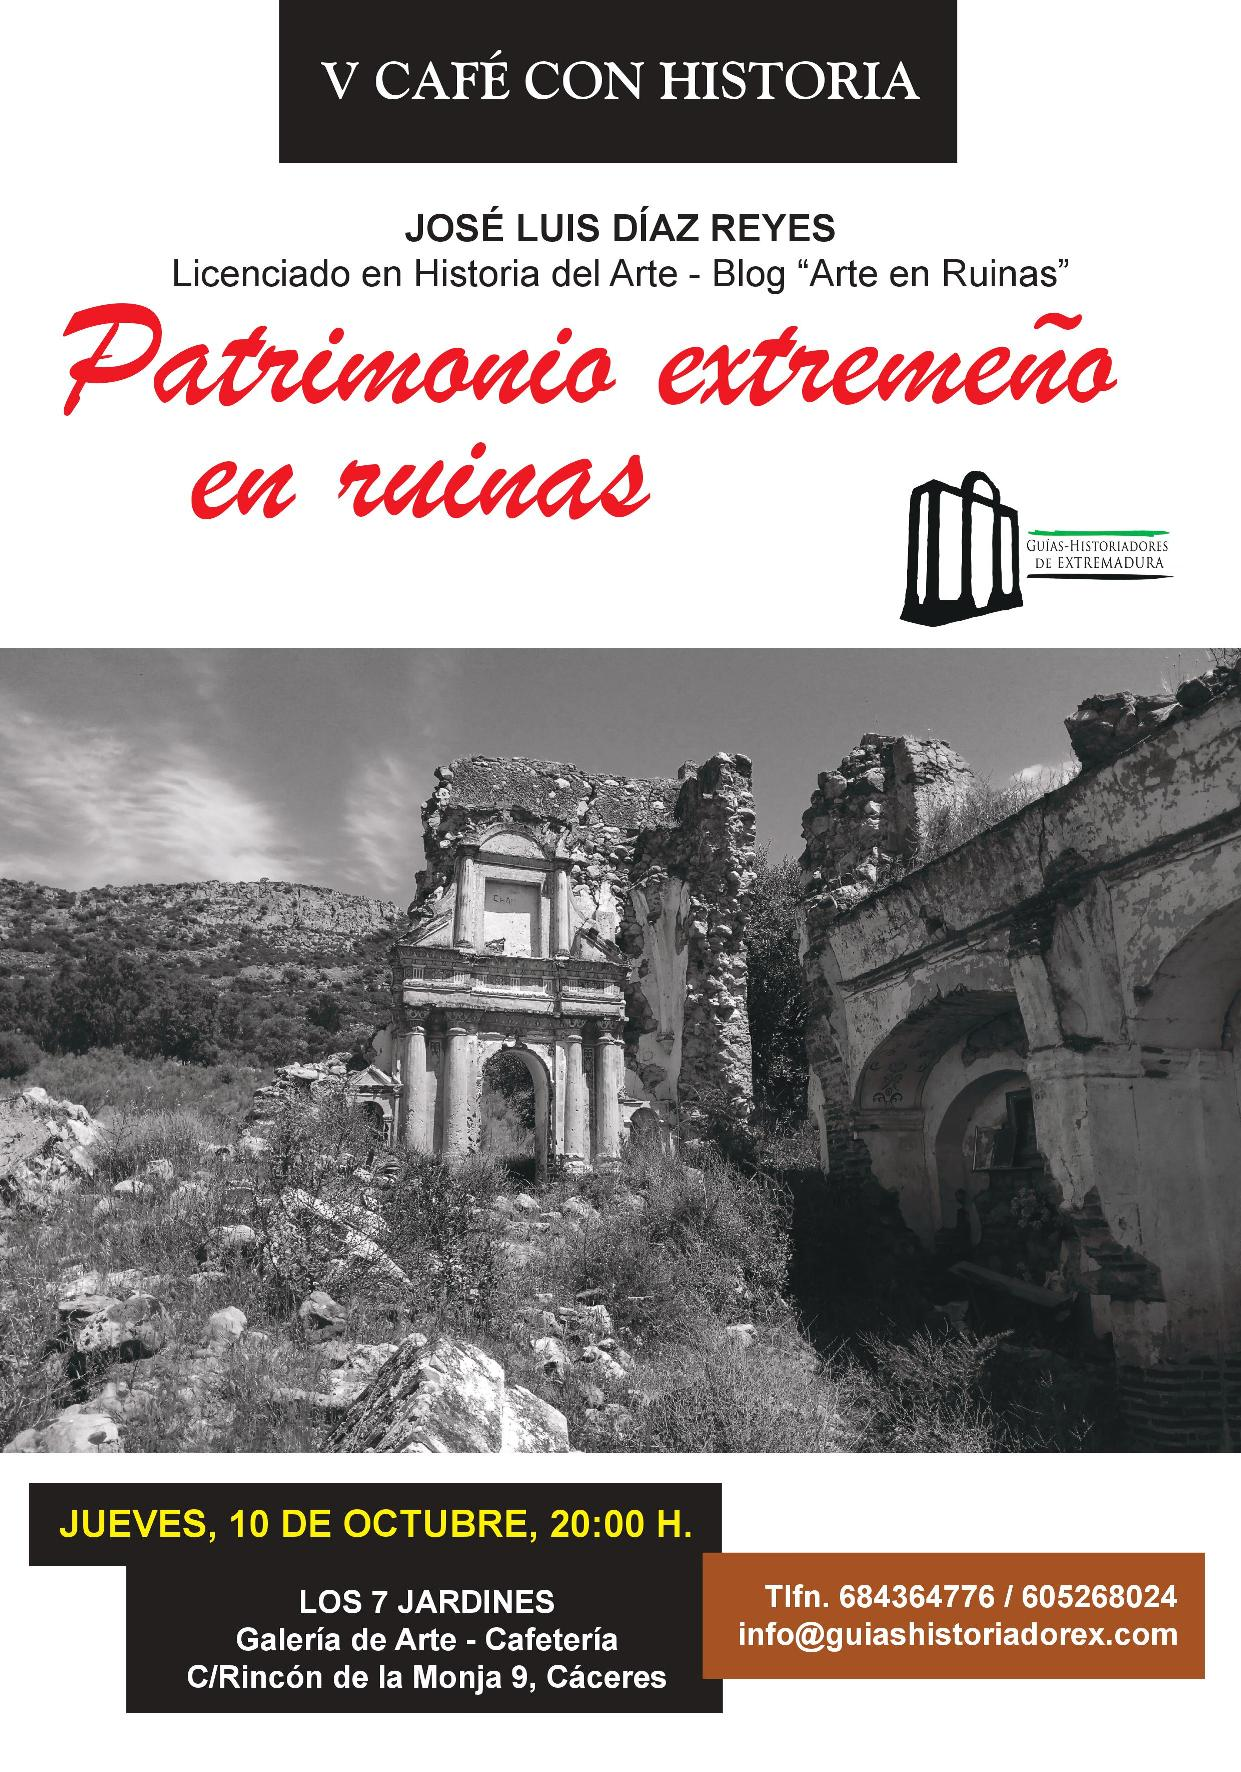 Cartel de la V edición de Cafés con Historia, con José Luis Díaz Reyes, del Blog Arte en Ruinas